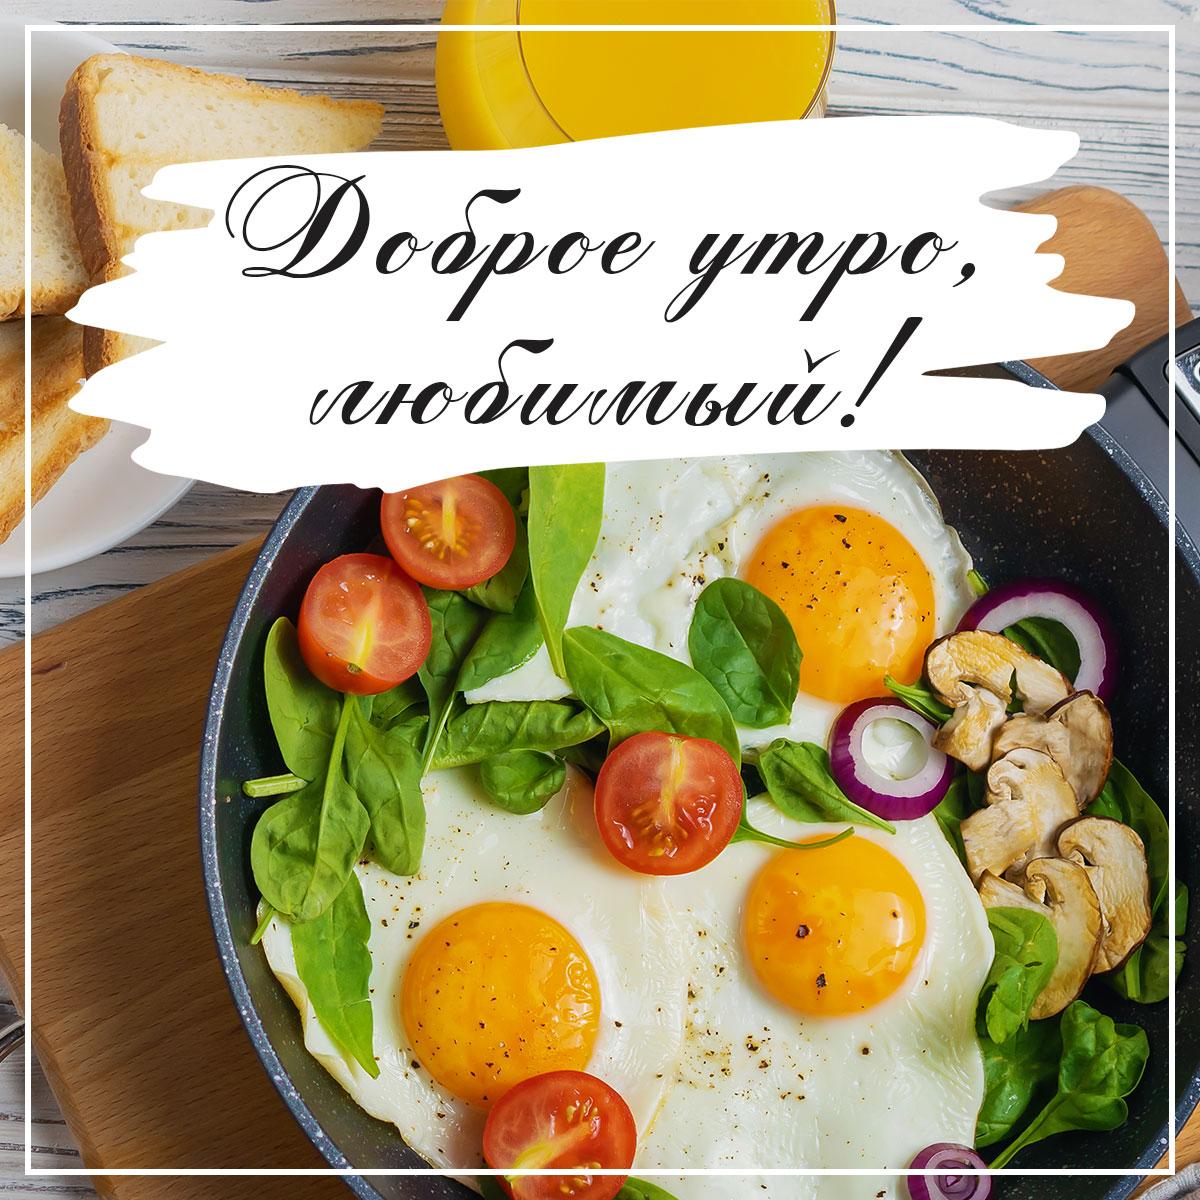 Фотография с яичницей в сковороде и надписью доброе утро, любимый!